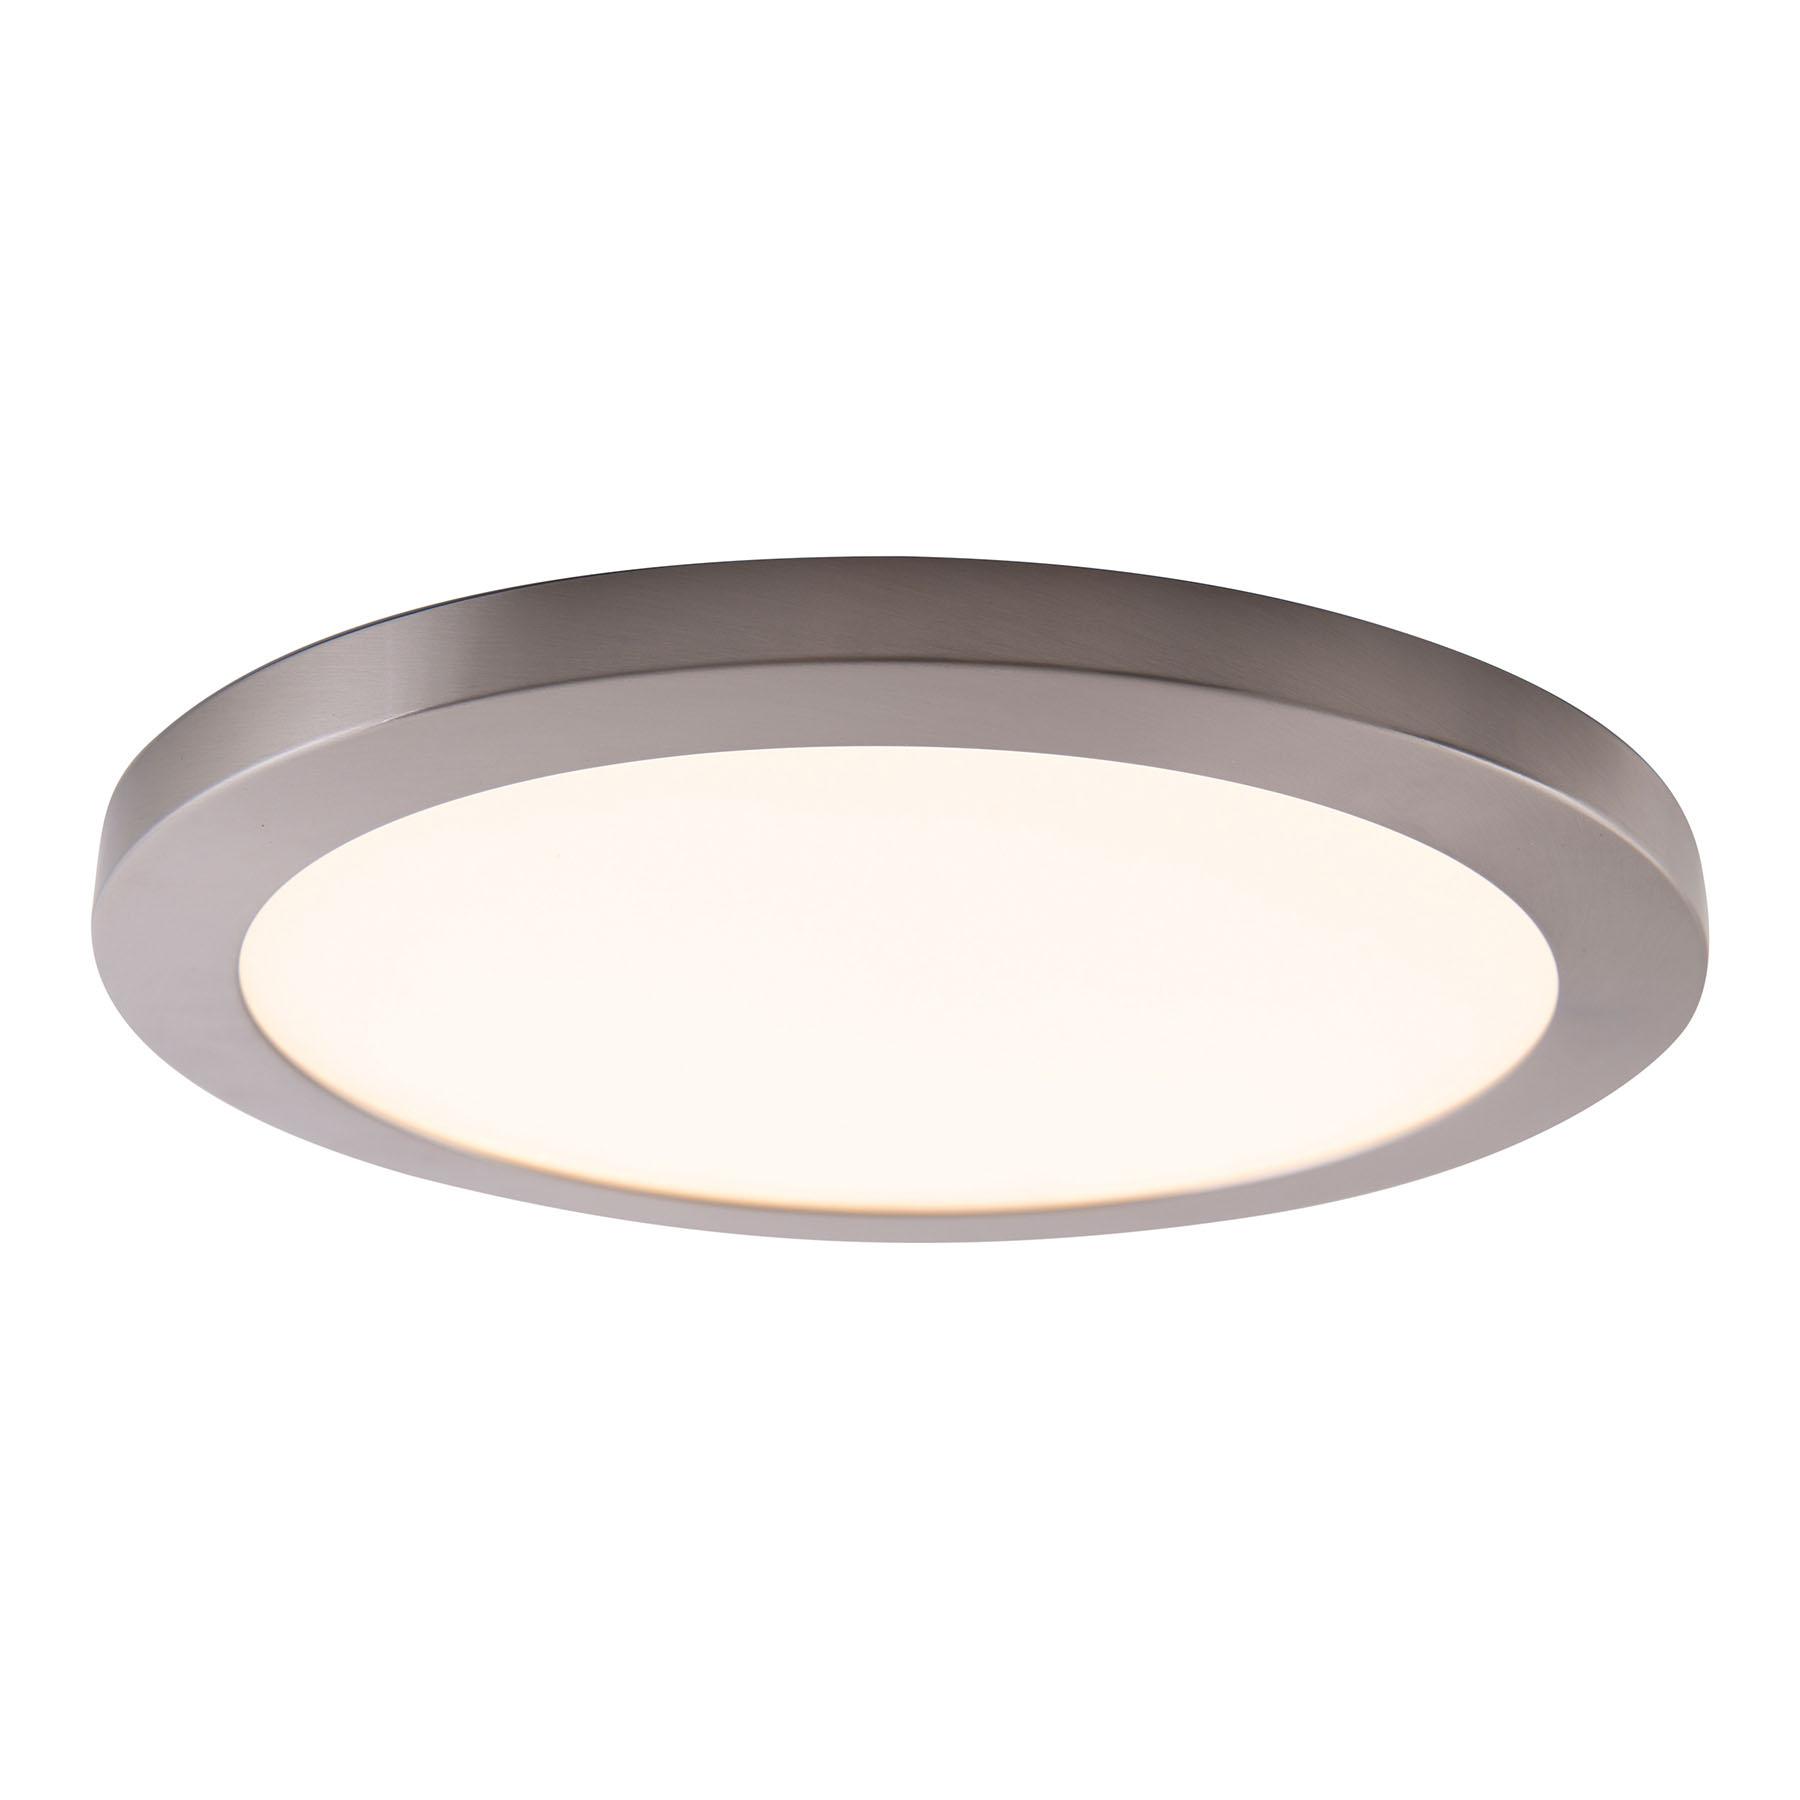 LED-kattovalaisin Bonus, magneettirengas, Ø 33cm